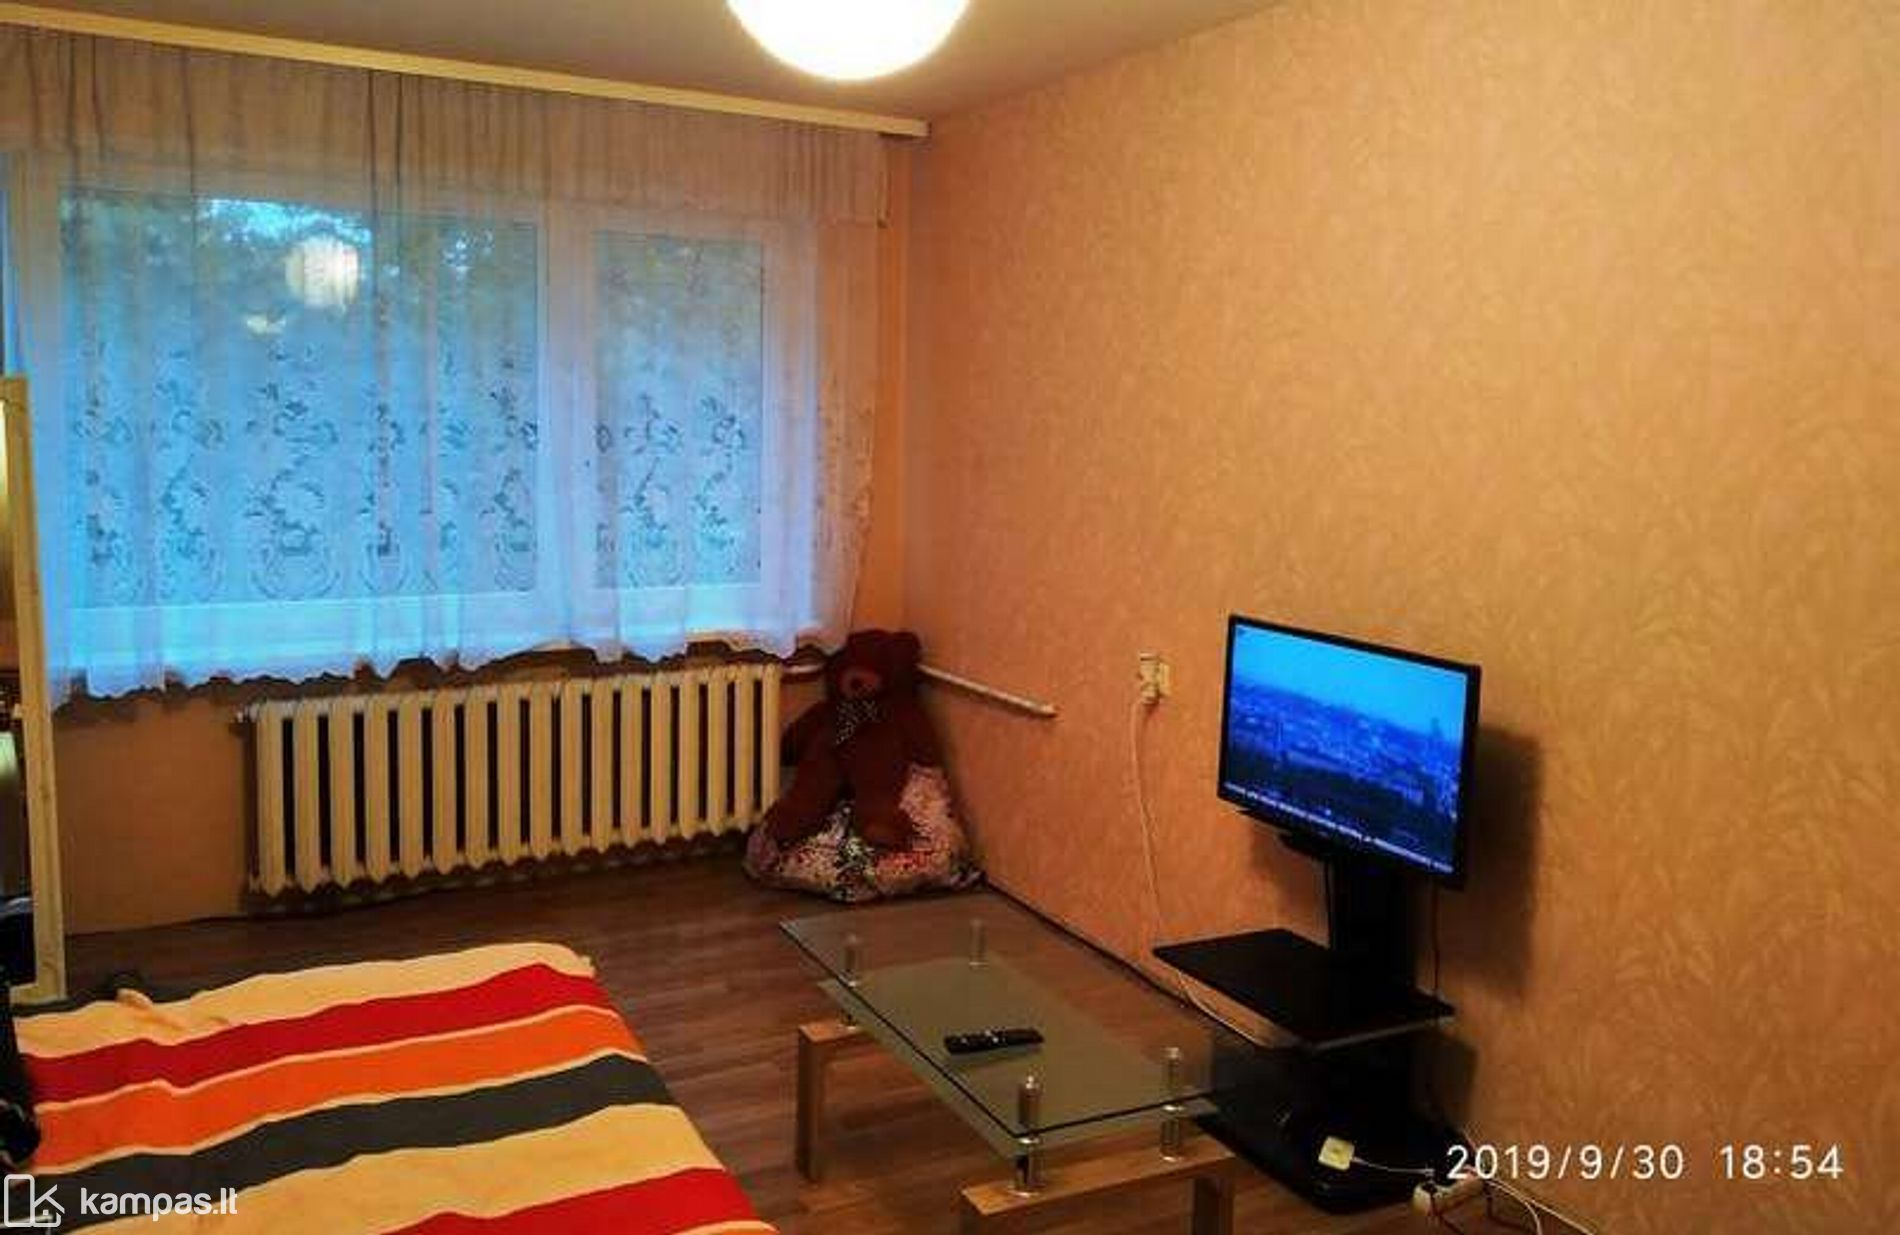 photo No.3 Klaipėda, Debrecenas, Naujakiemio g.